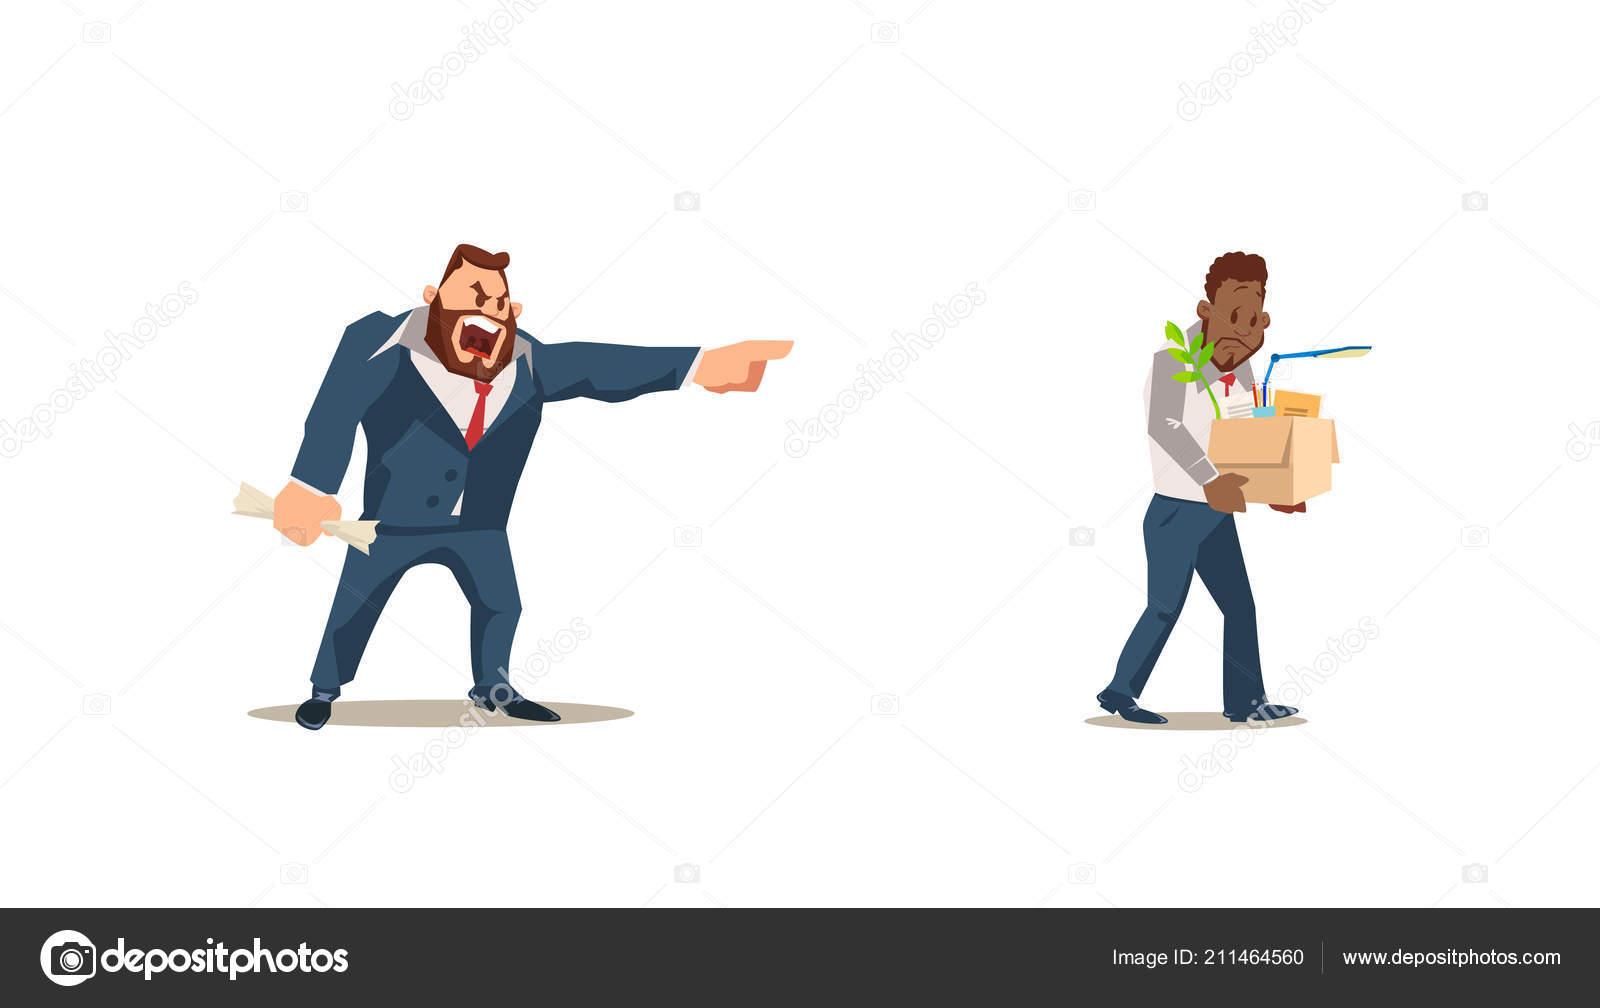 muž vyhodiť práce